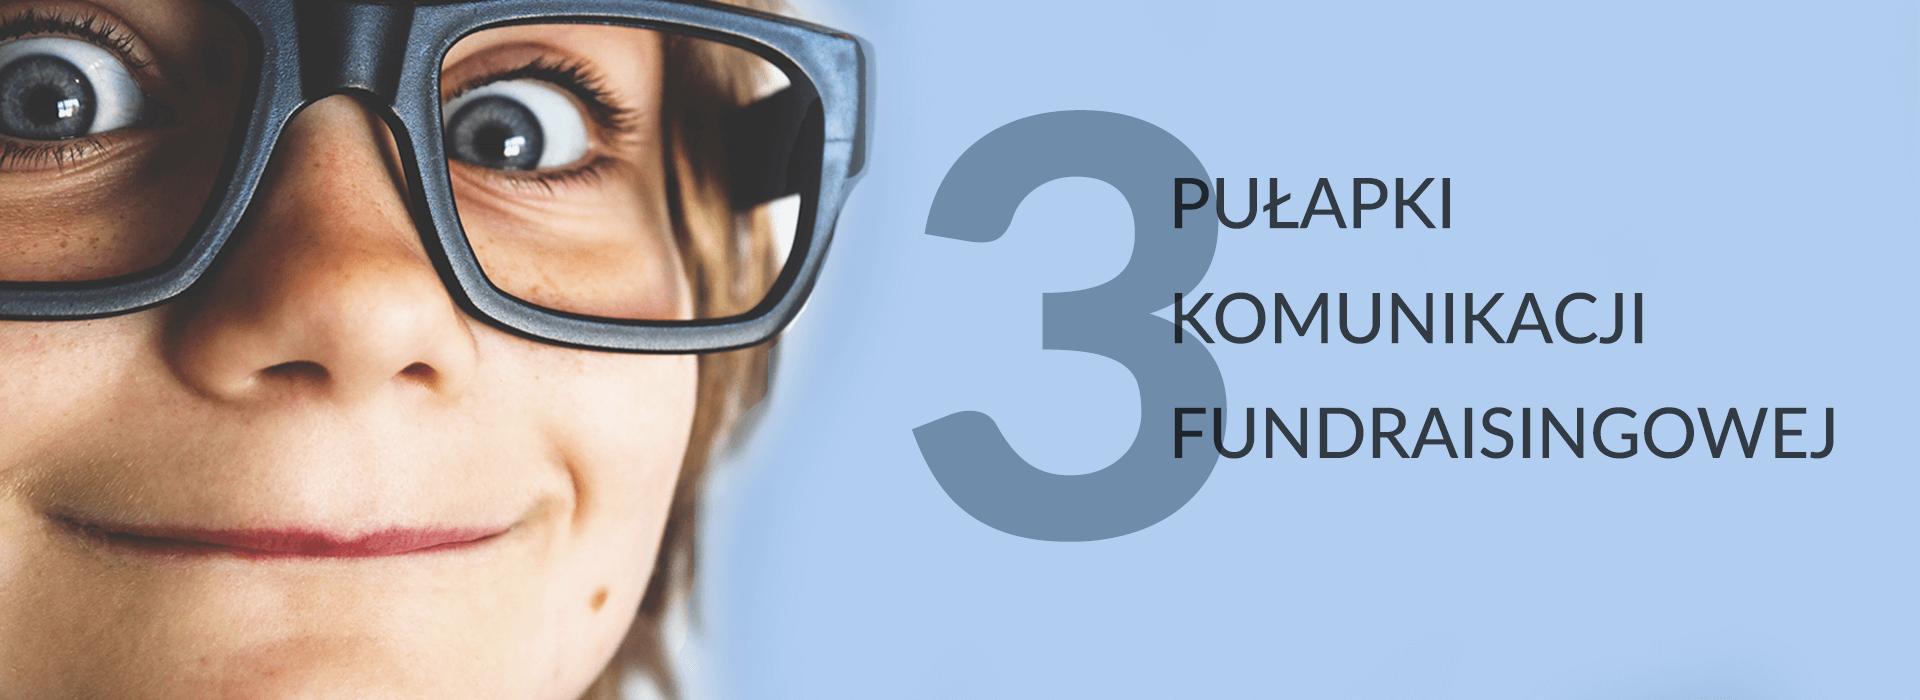 3 pułapki komunikacji fundraisingowej. Niedaj się złapać!